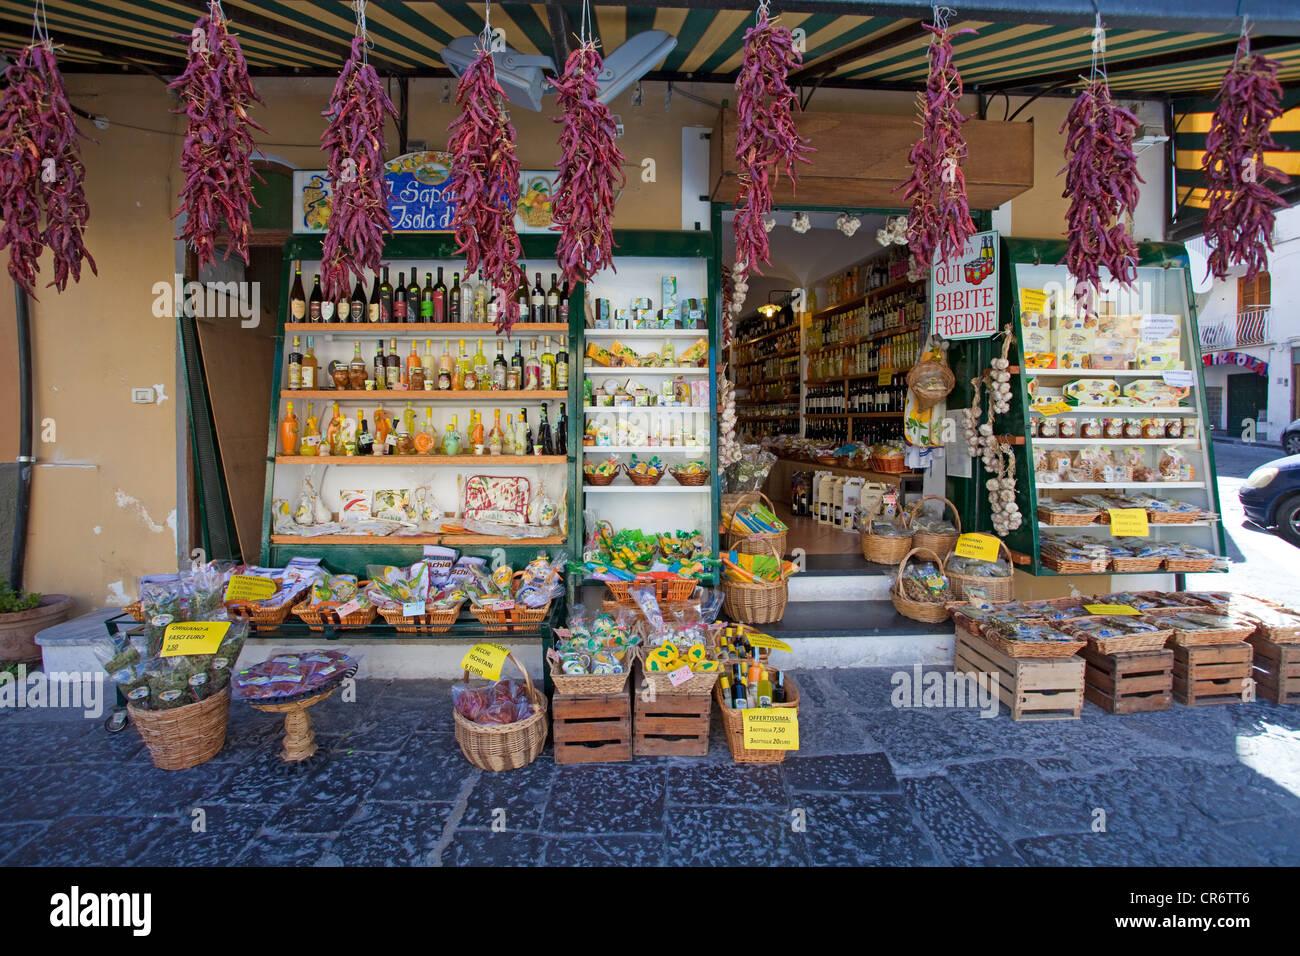 Lebensmittelgeschäft, historischen Stadtteil Ponte, Castello Aragonese Castle, Golf von Neapel, Kampanien, Stockbild